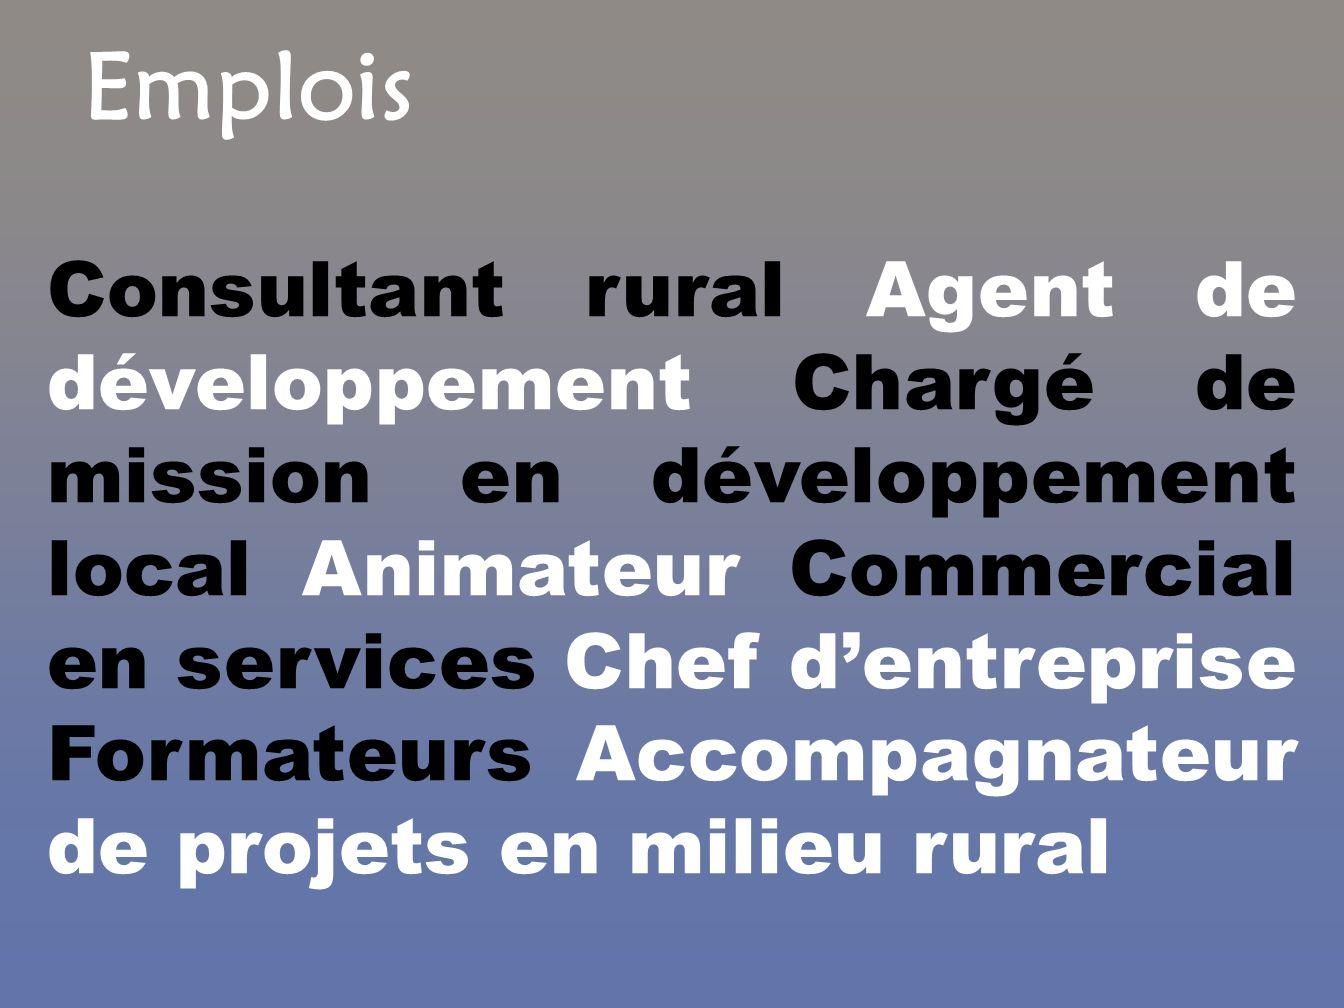 Emplois Consultant rural Agent de développement Chargé de mission en développement local Animateur Commercial en services Chef dentreprise Formateurs